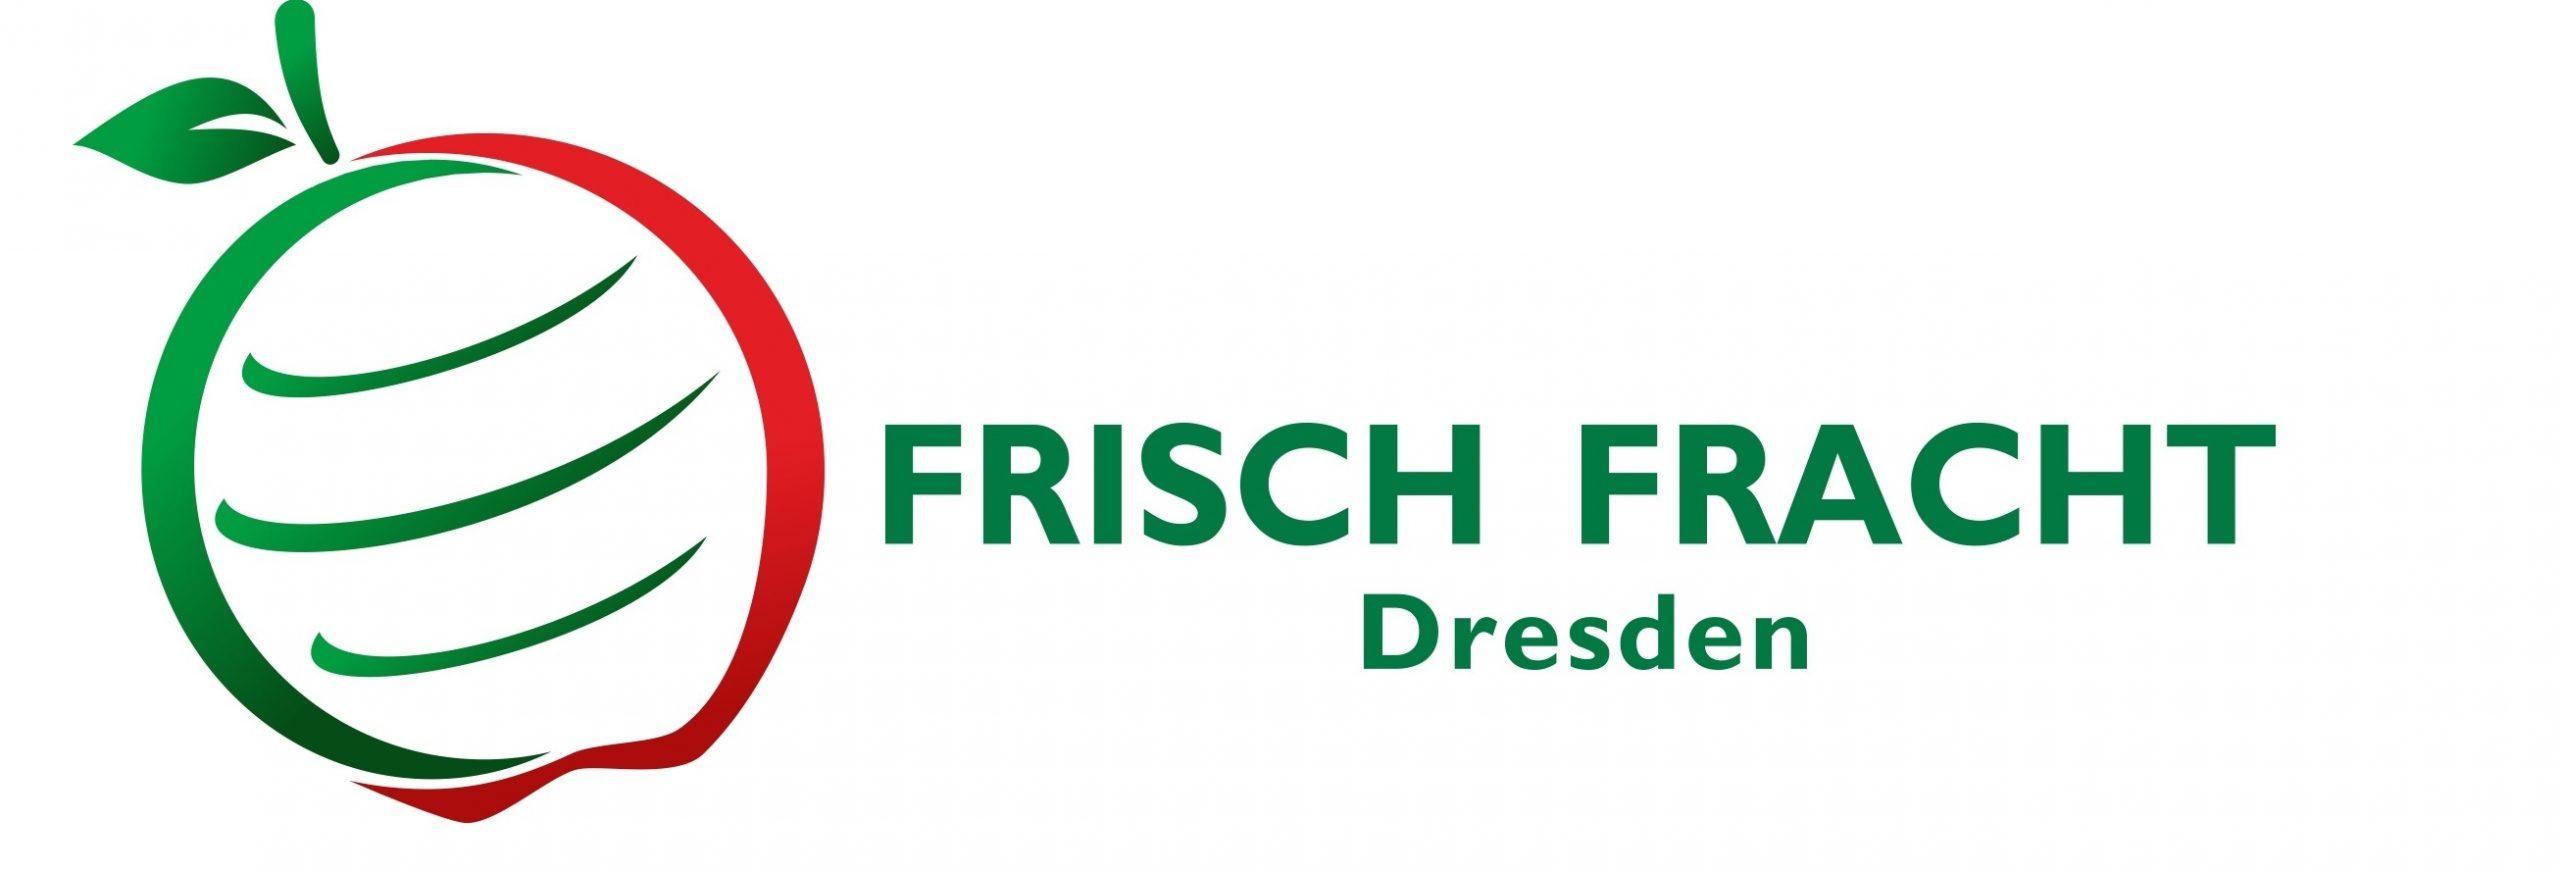 FRISCH Fracht Dresden GmbH